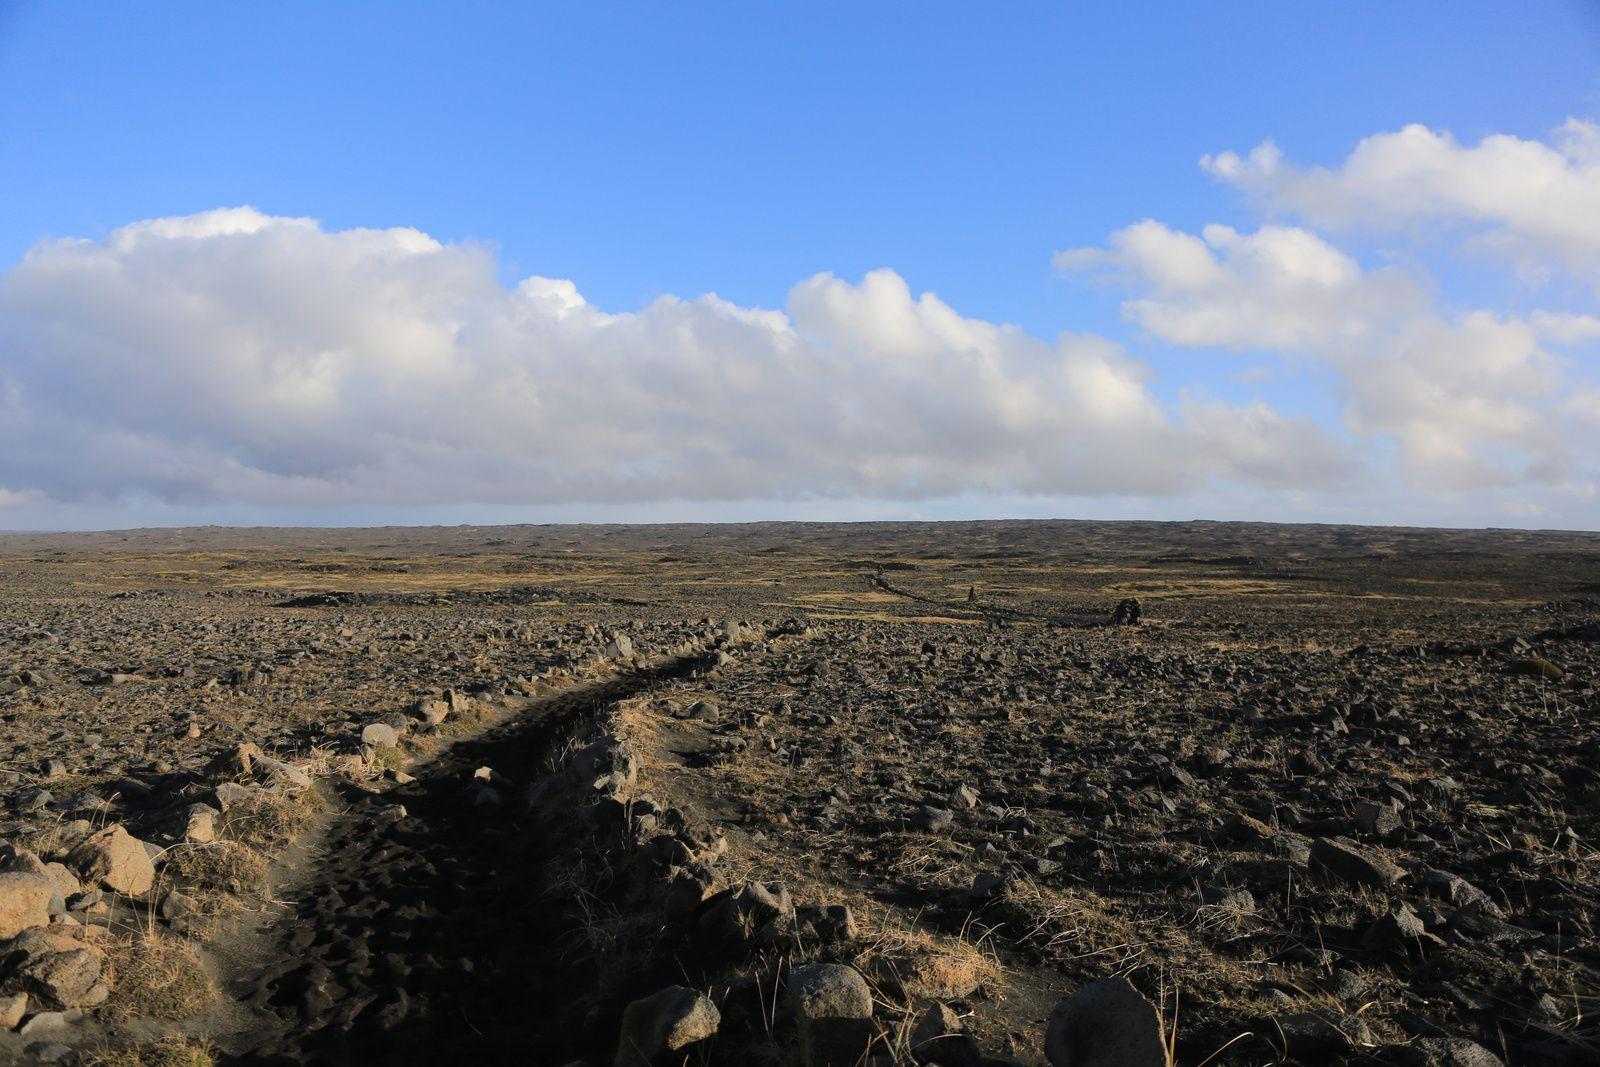 L'immense champ de lave Bergholl à traverser pour arriver aux falaisese d'Hafnaberg ... ne pas s'éloigner du sentier et des cairns sous peine de se perdre - photo © Bernard Duyck 10.2016